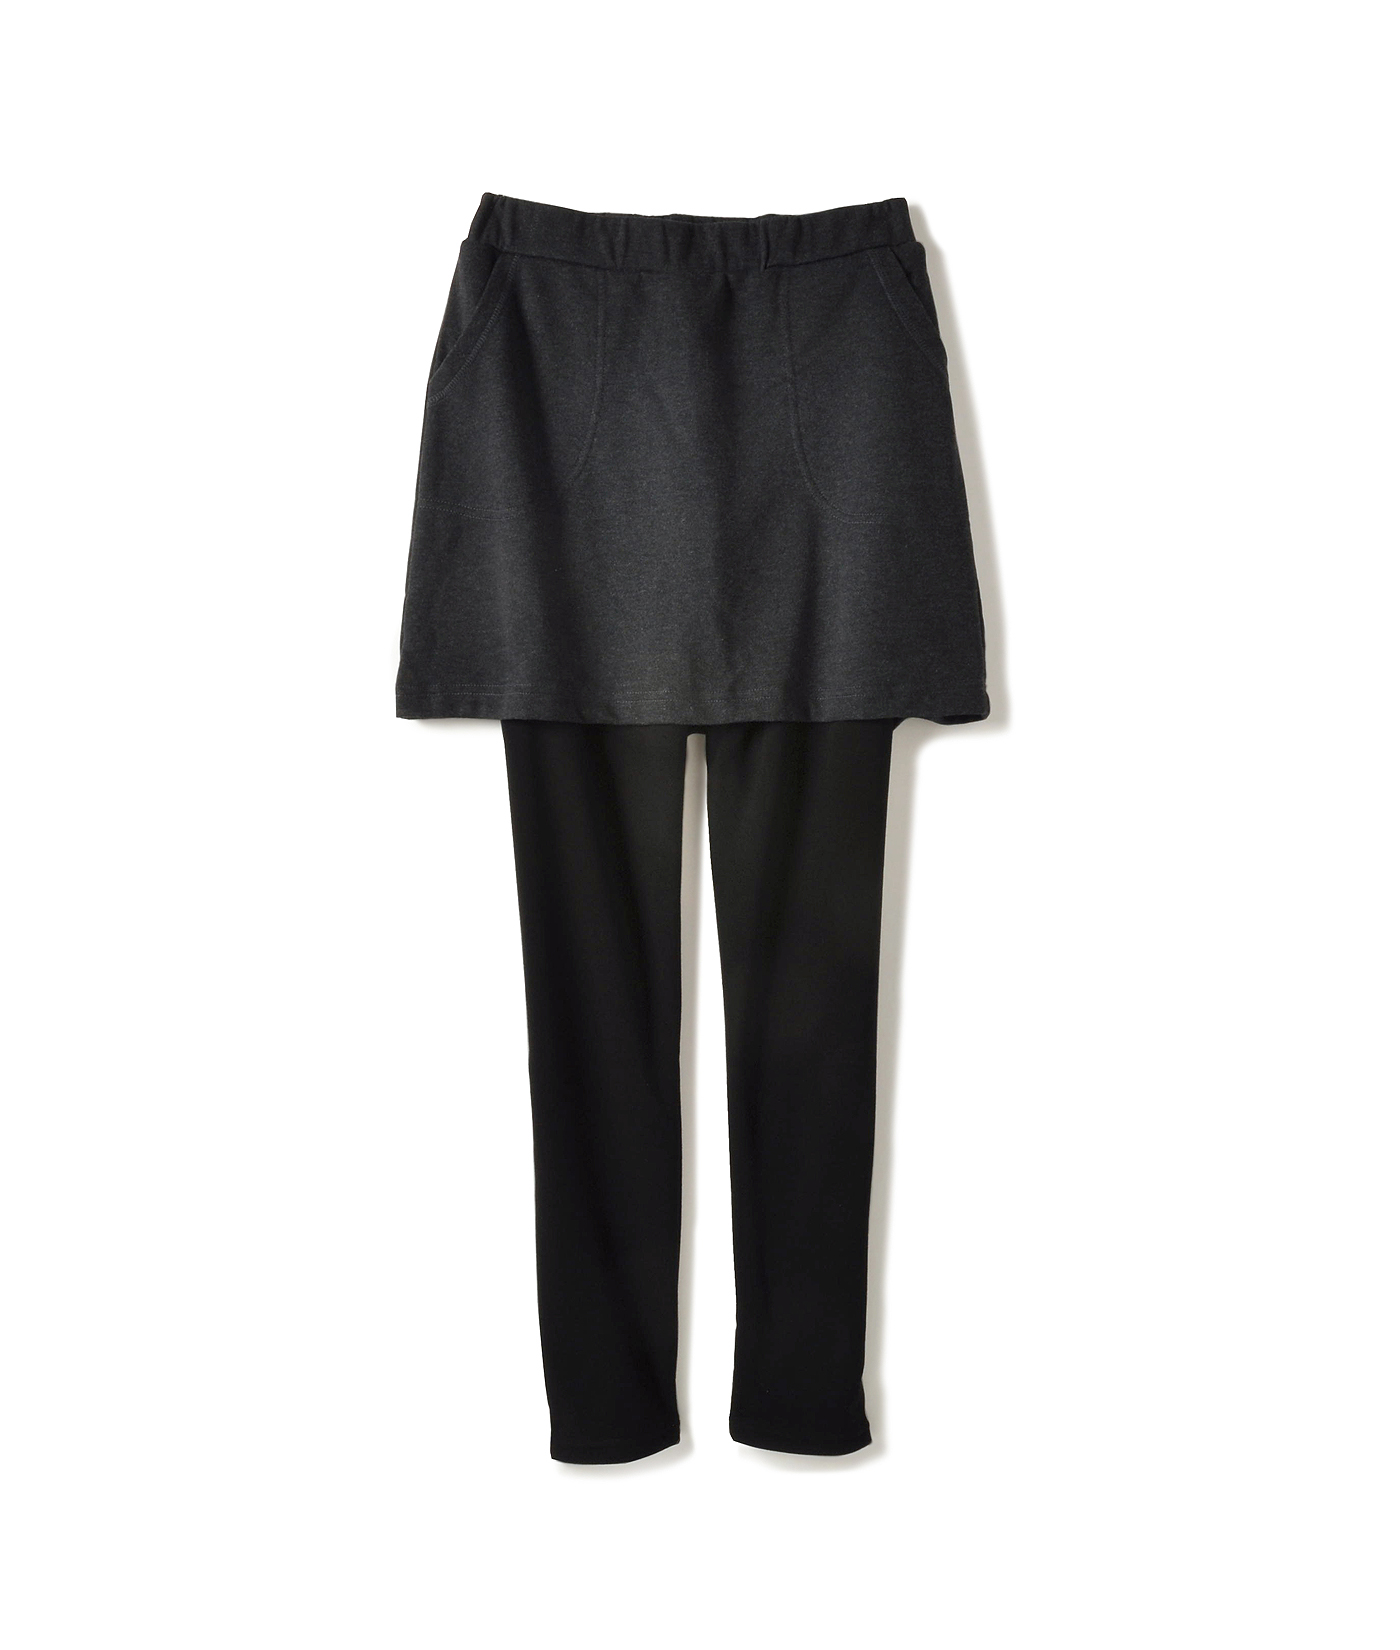 レギンス部分は厚手&裏起毛でぽかぽか激暖素材、スカート部分は裏毛のカットソー素材。